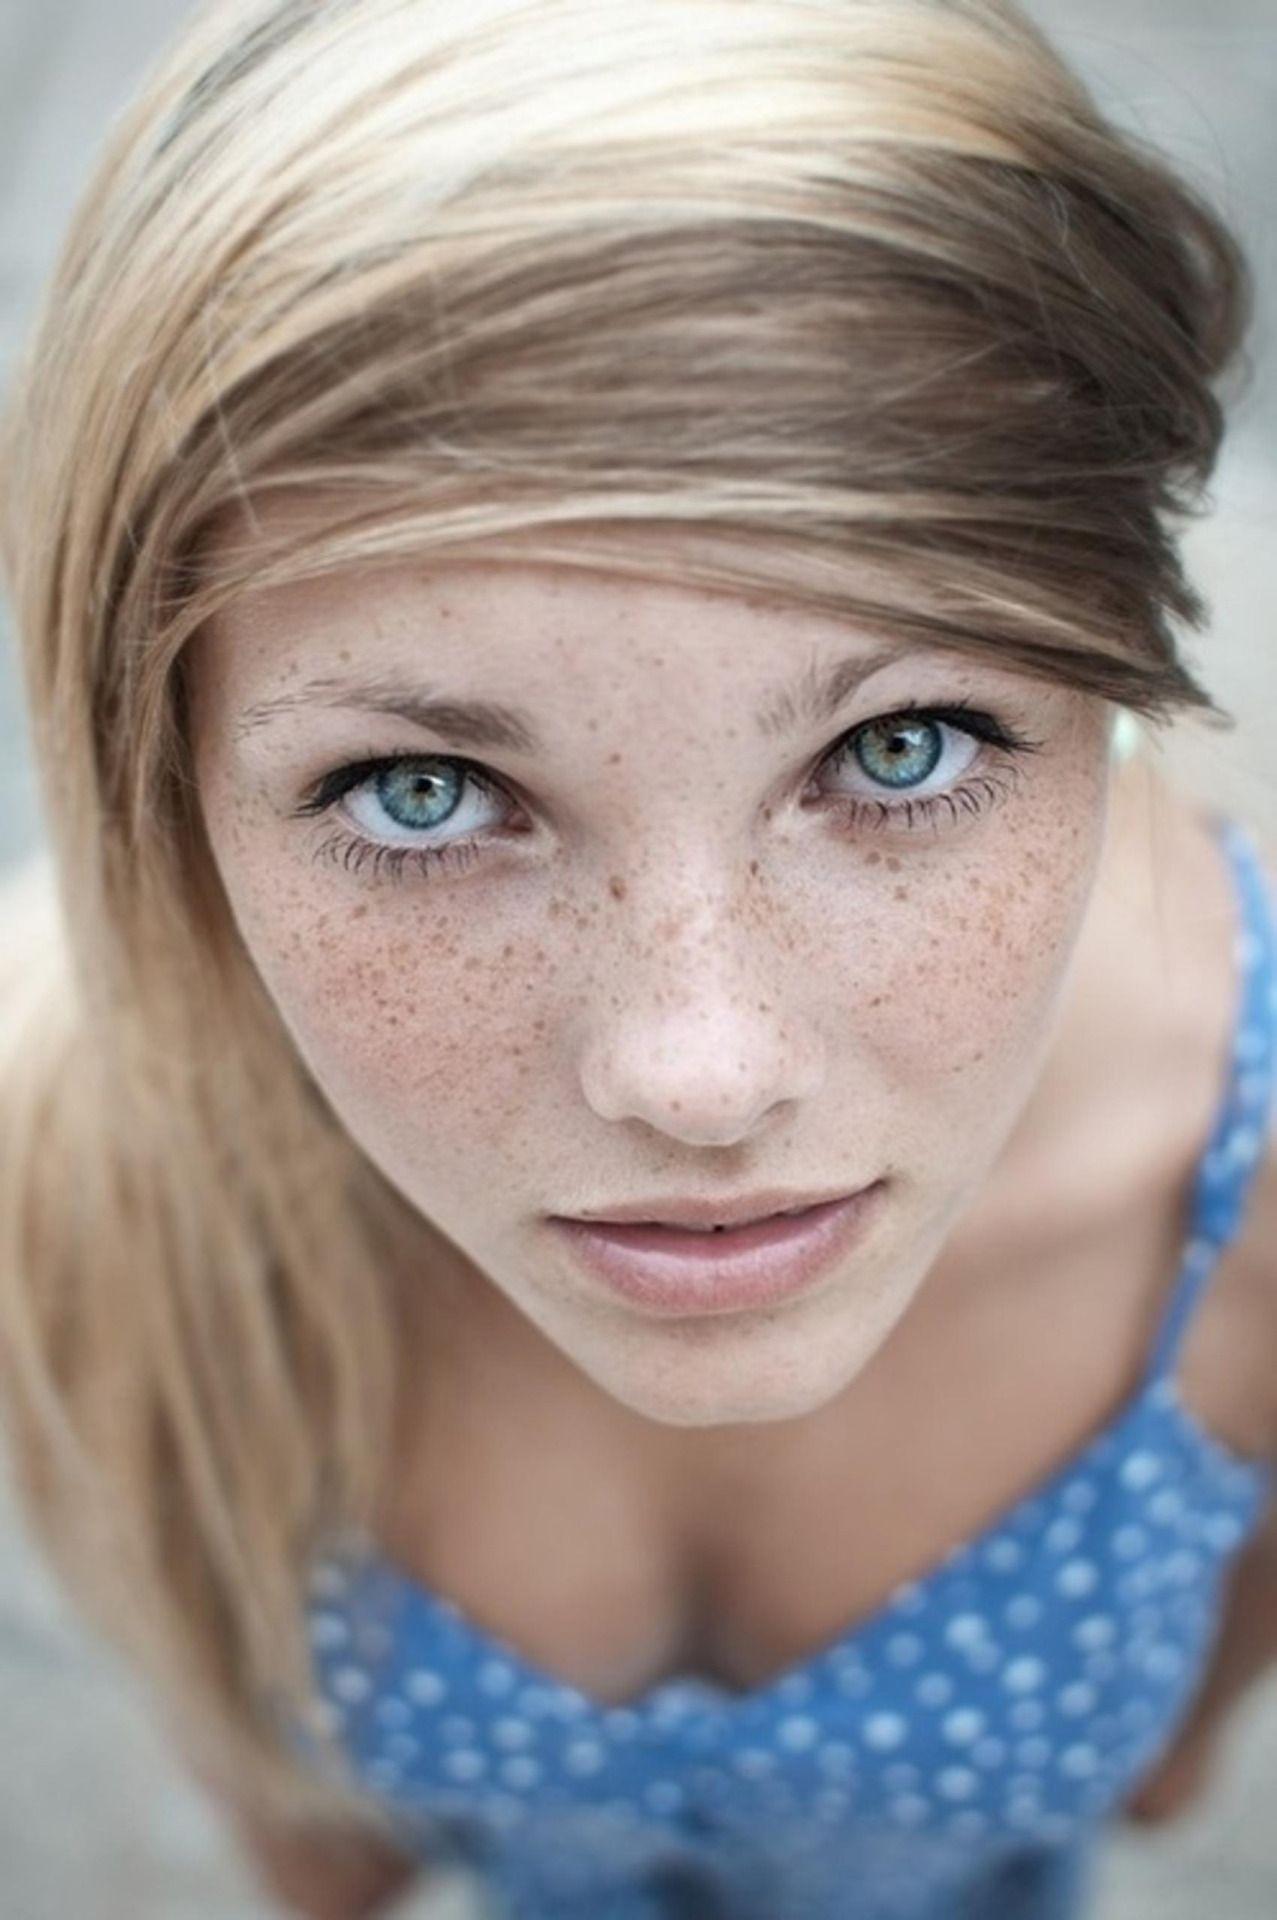 ass-xxxmade-beautiful-teen-facial-shot-face-movie